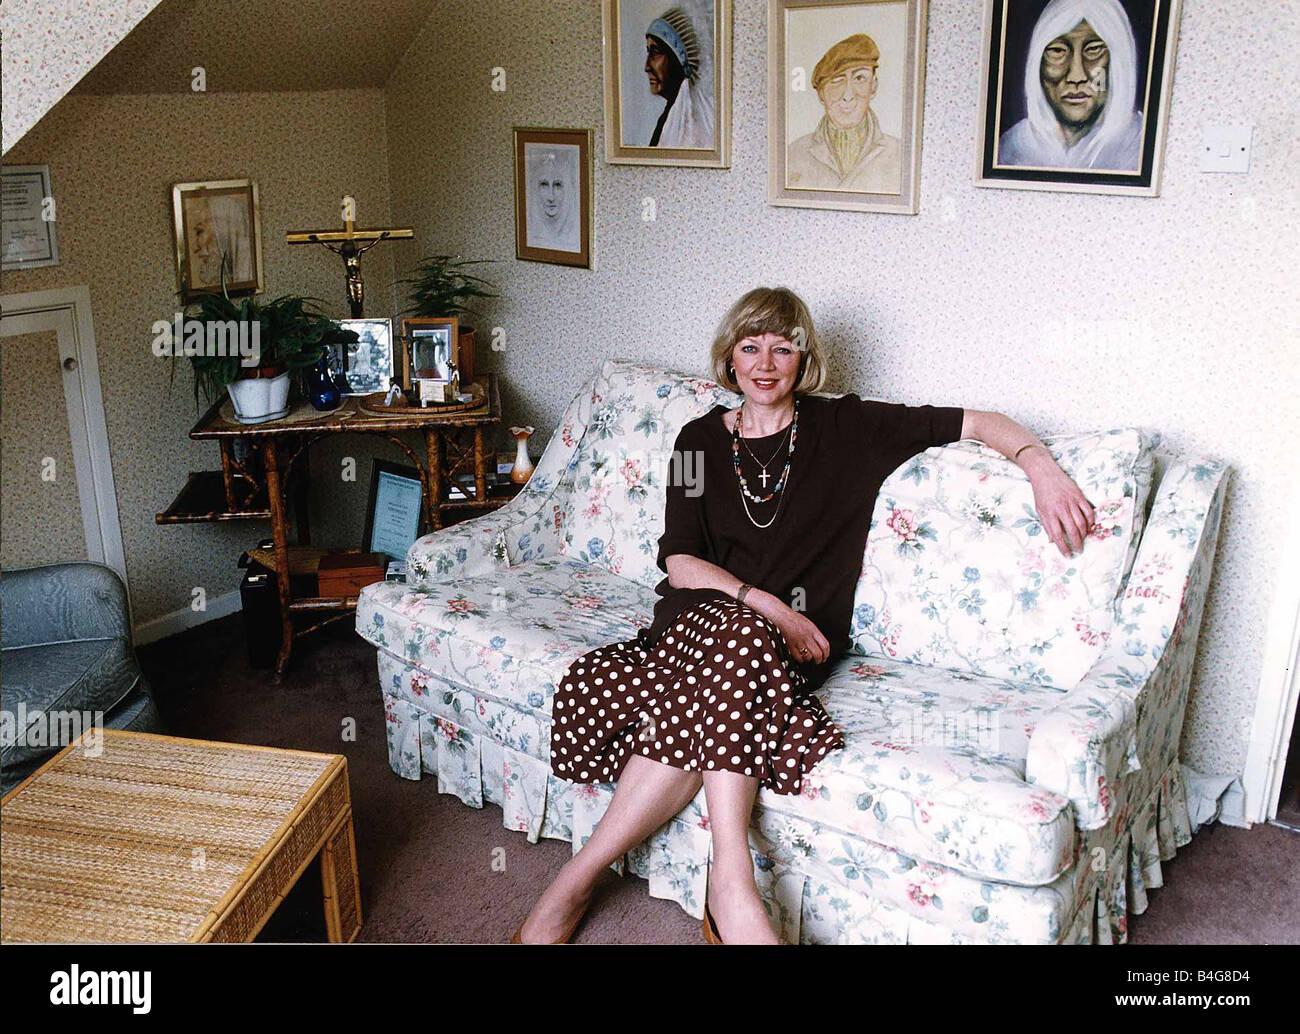 Carol Hawkins Carol Hawkins new picture